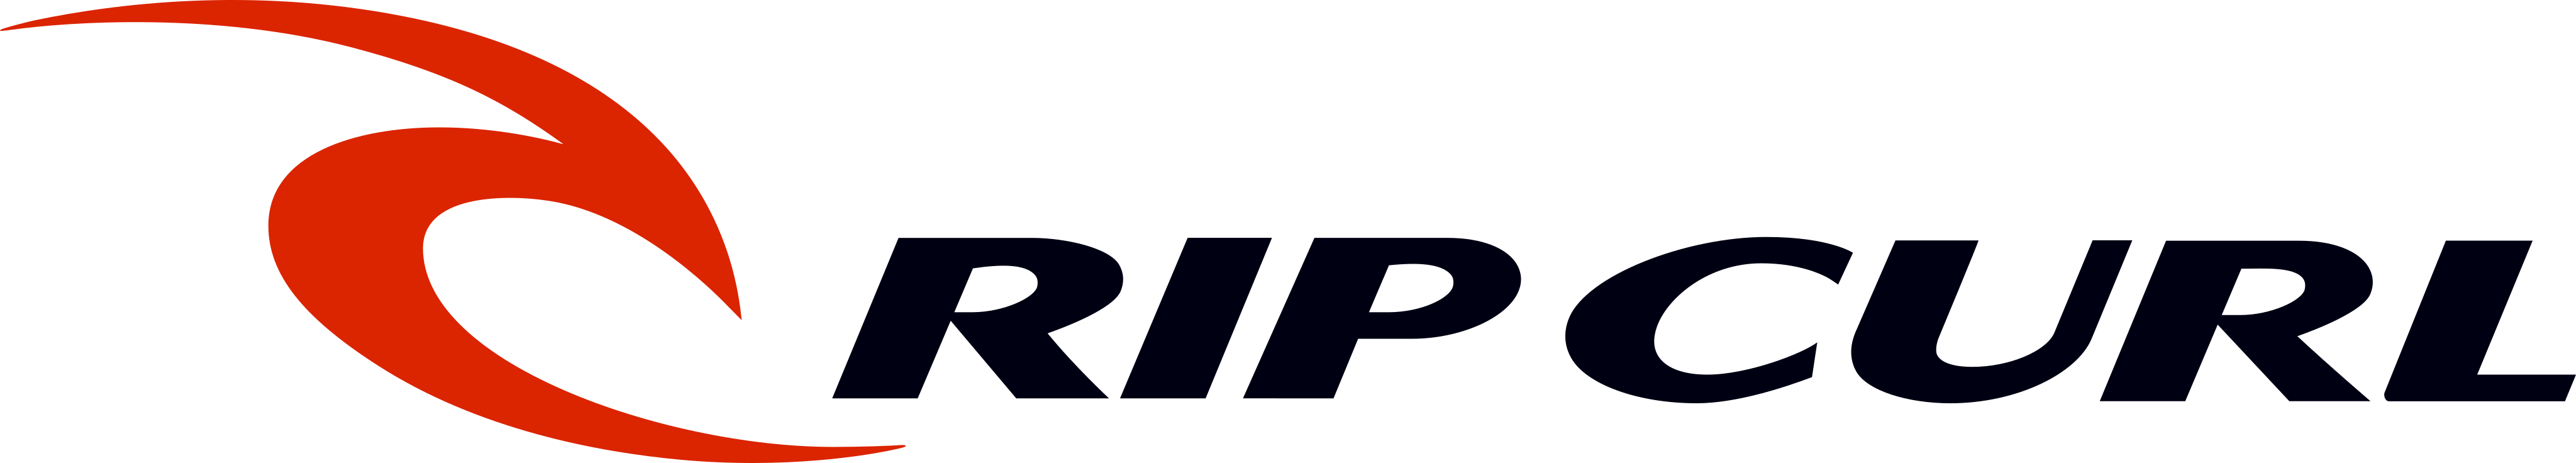 Rip Curl Logo - PNG e Vetor - Download de Logo